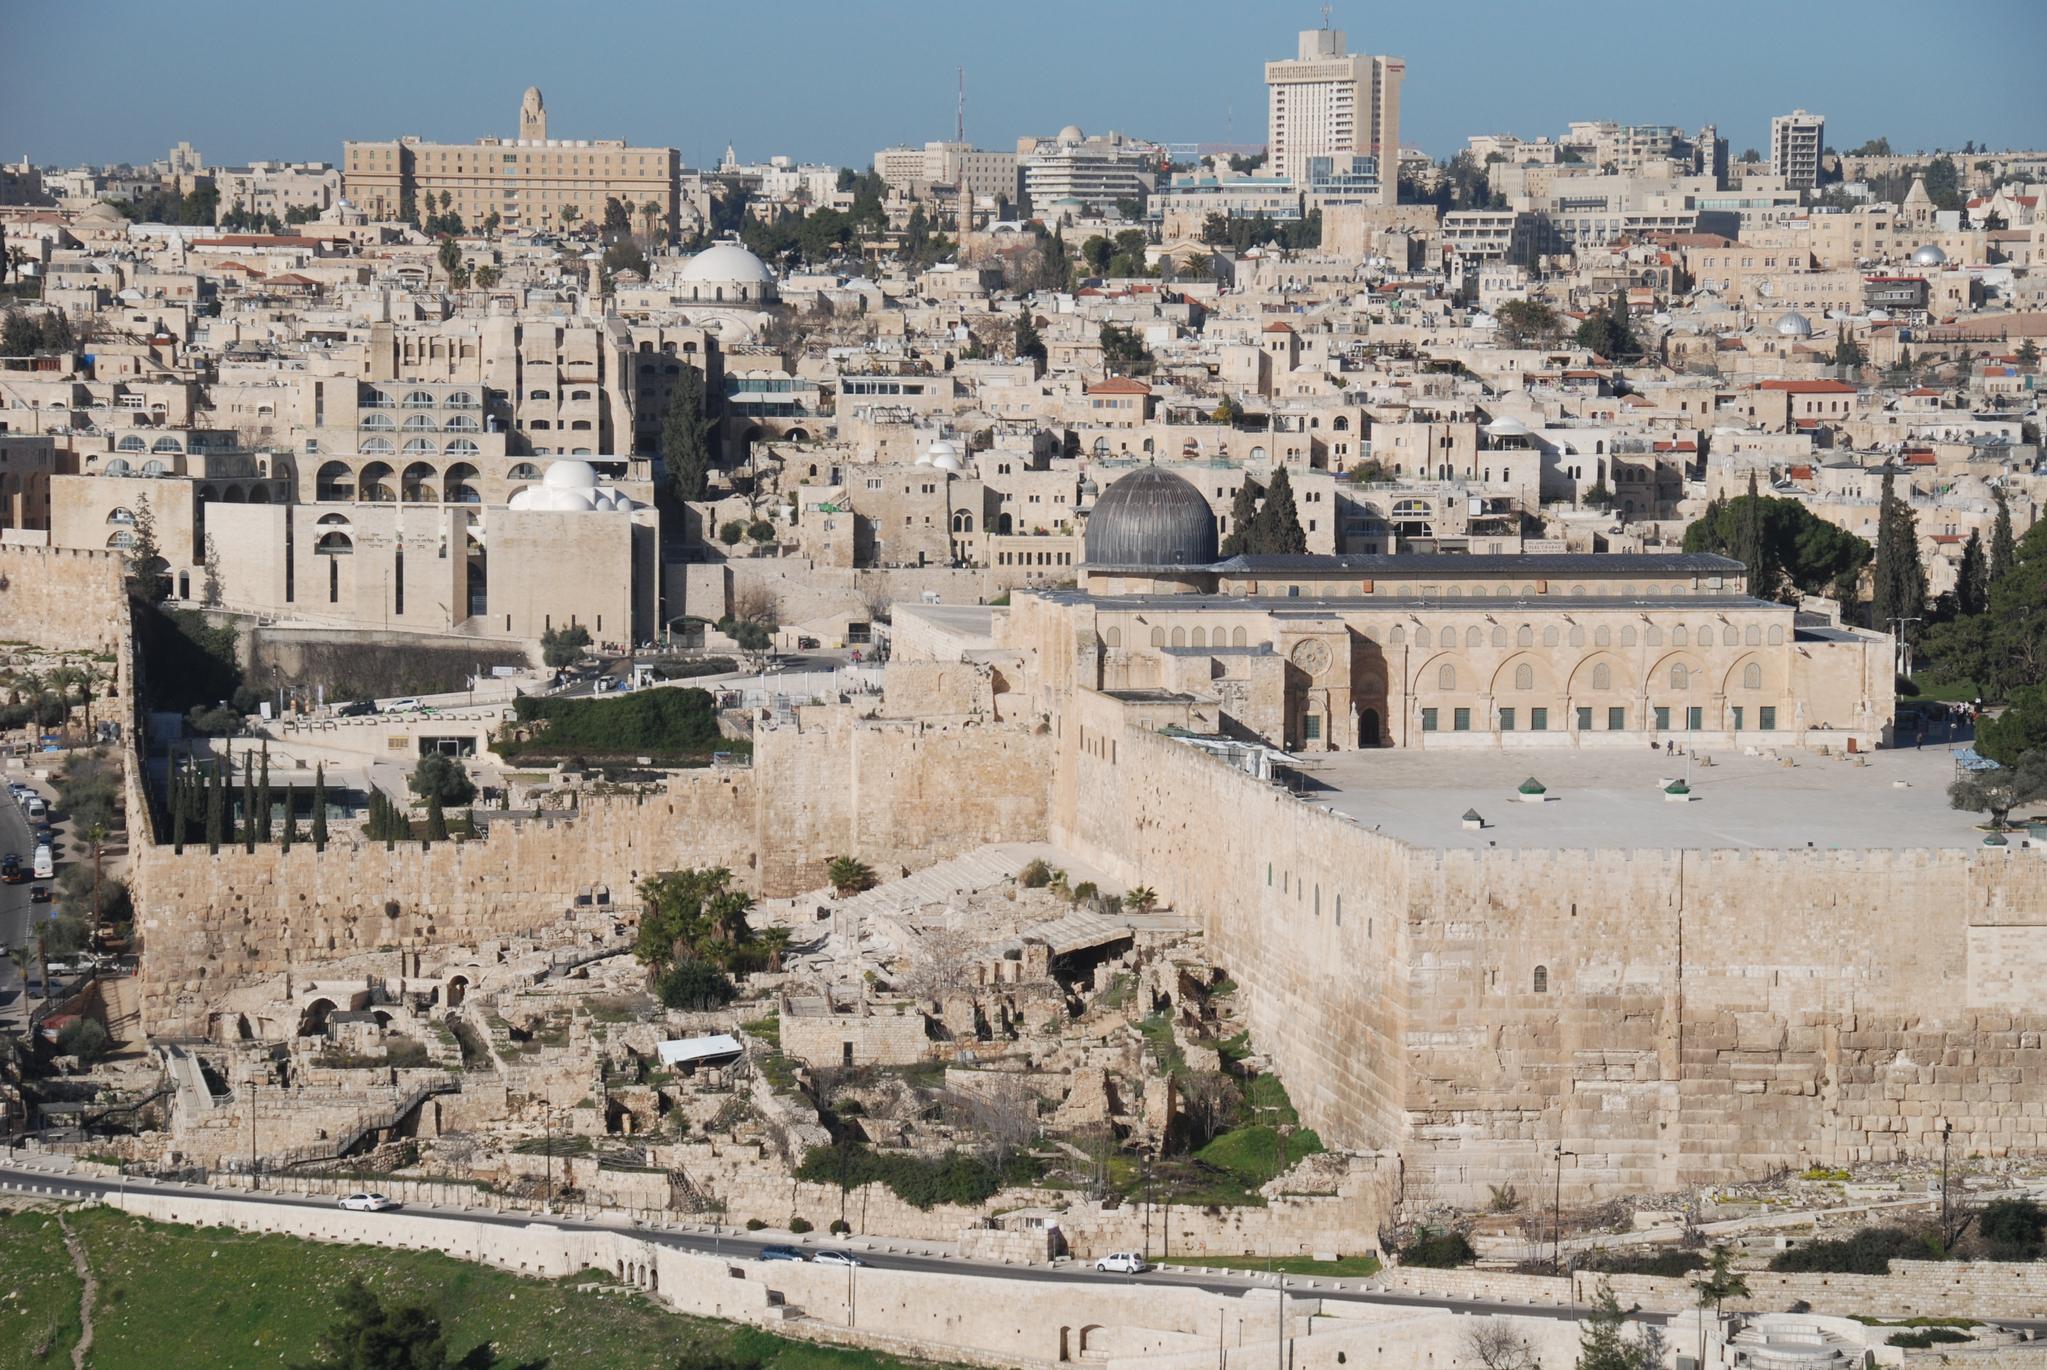 올리브산에서 내려다 본 예루살렘 구시가지의 모습. 예수가 나귀를 타고 올리브산을 내려갈 때도 예루살렘 성이 있었다.